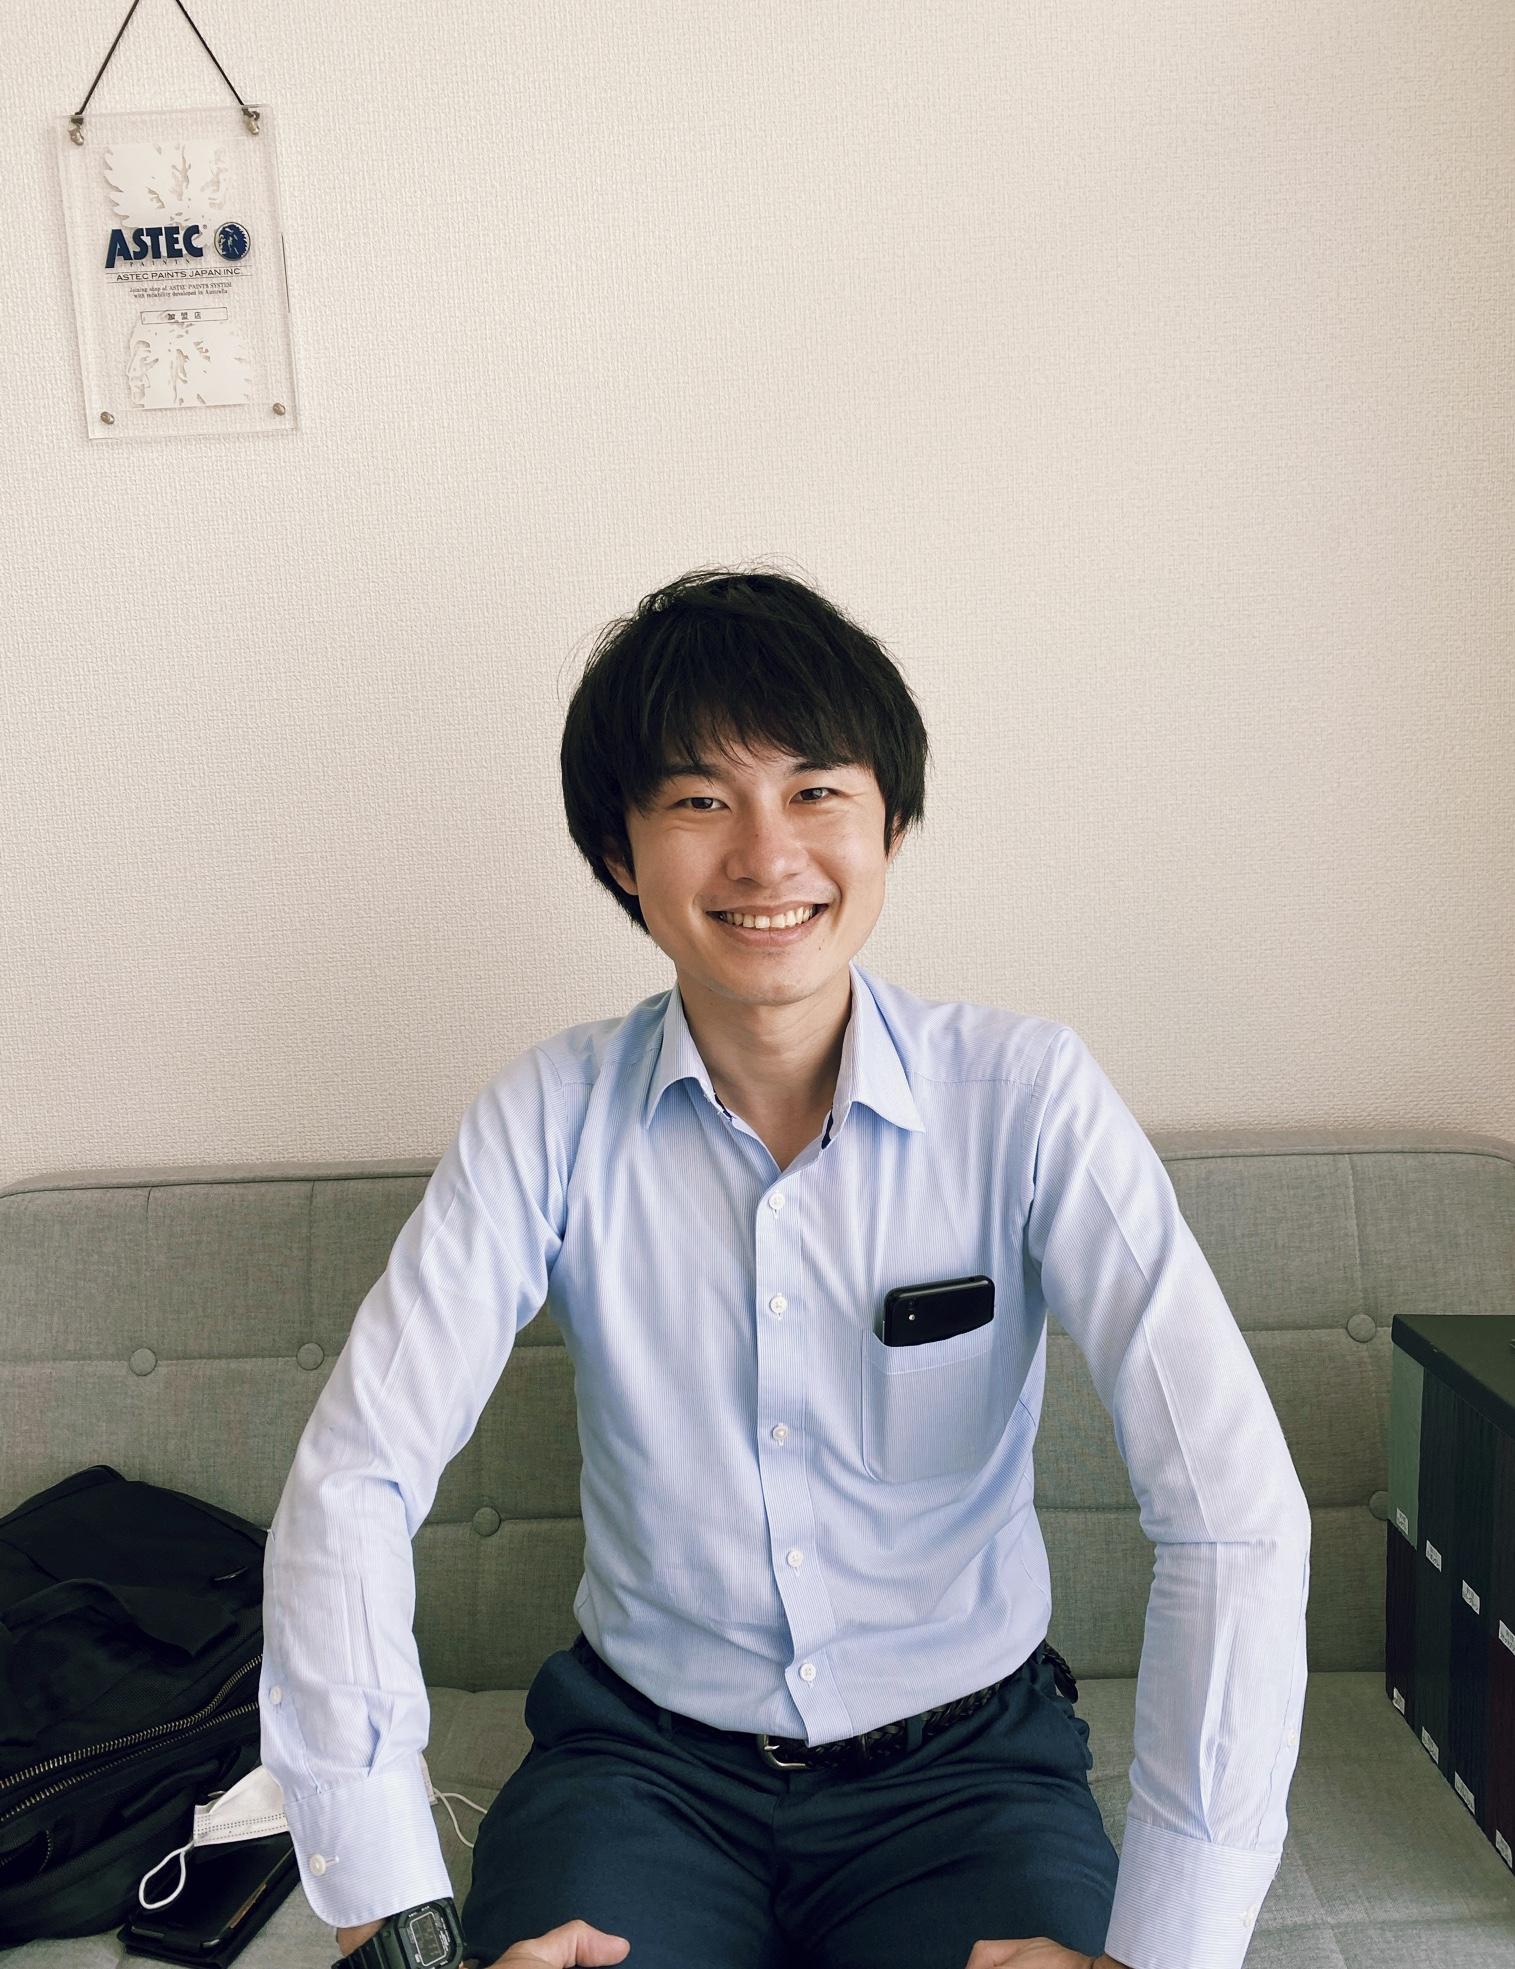 アステックペイントジャパン福岡営業所の池翔悟所長